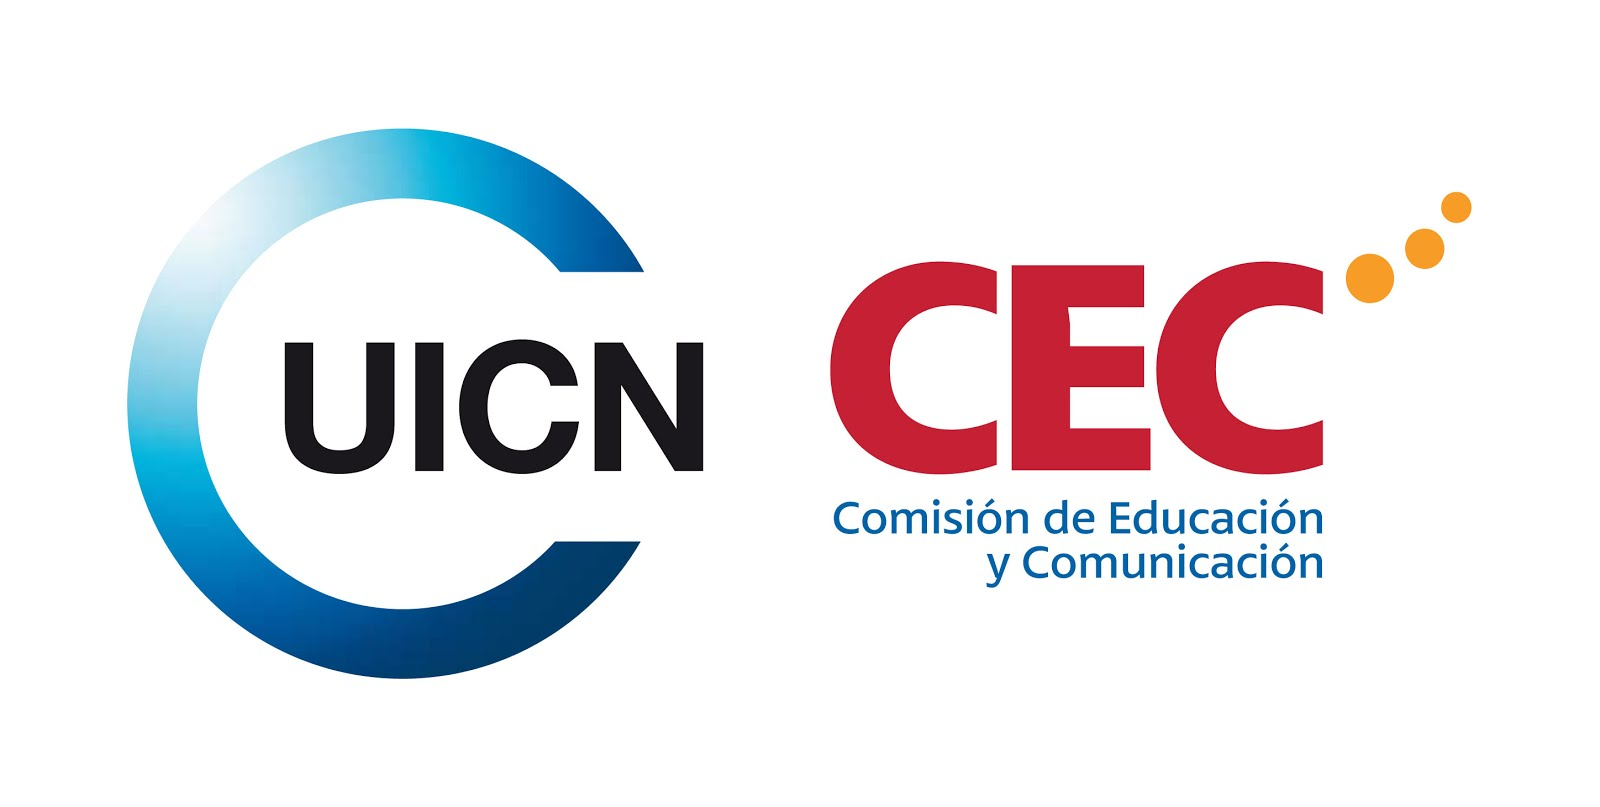 UICN - Comisión de Educación y Comunicación (CEC)